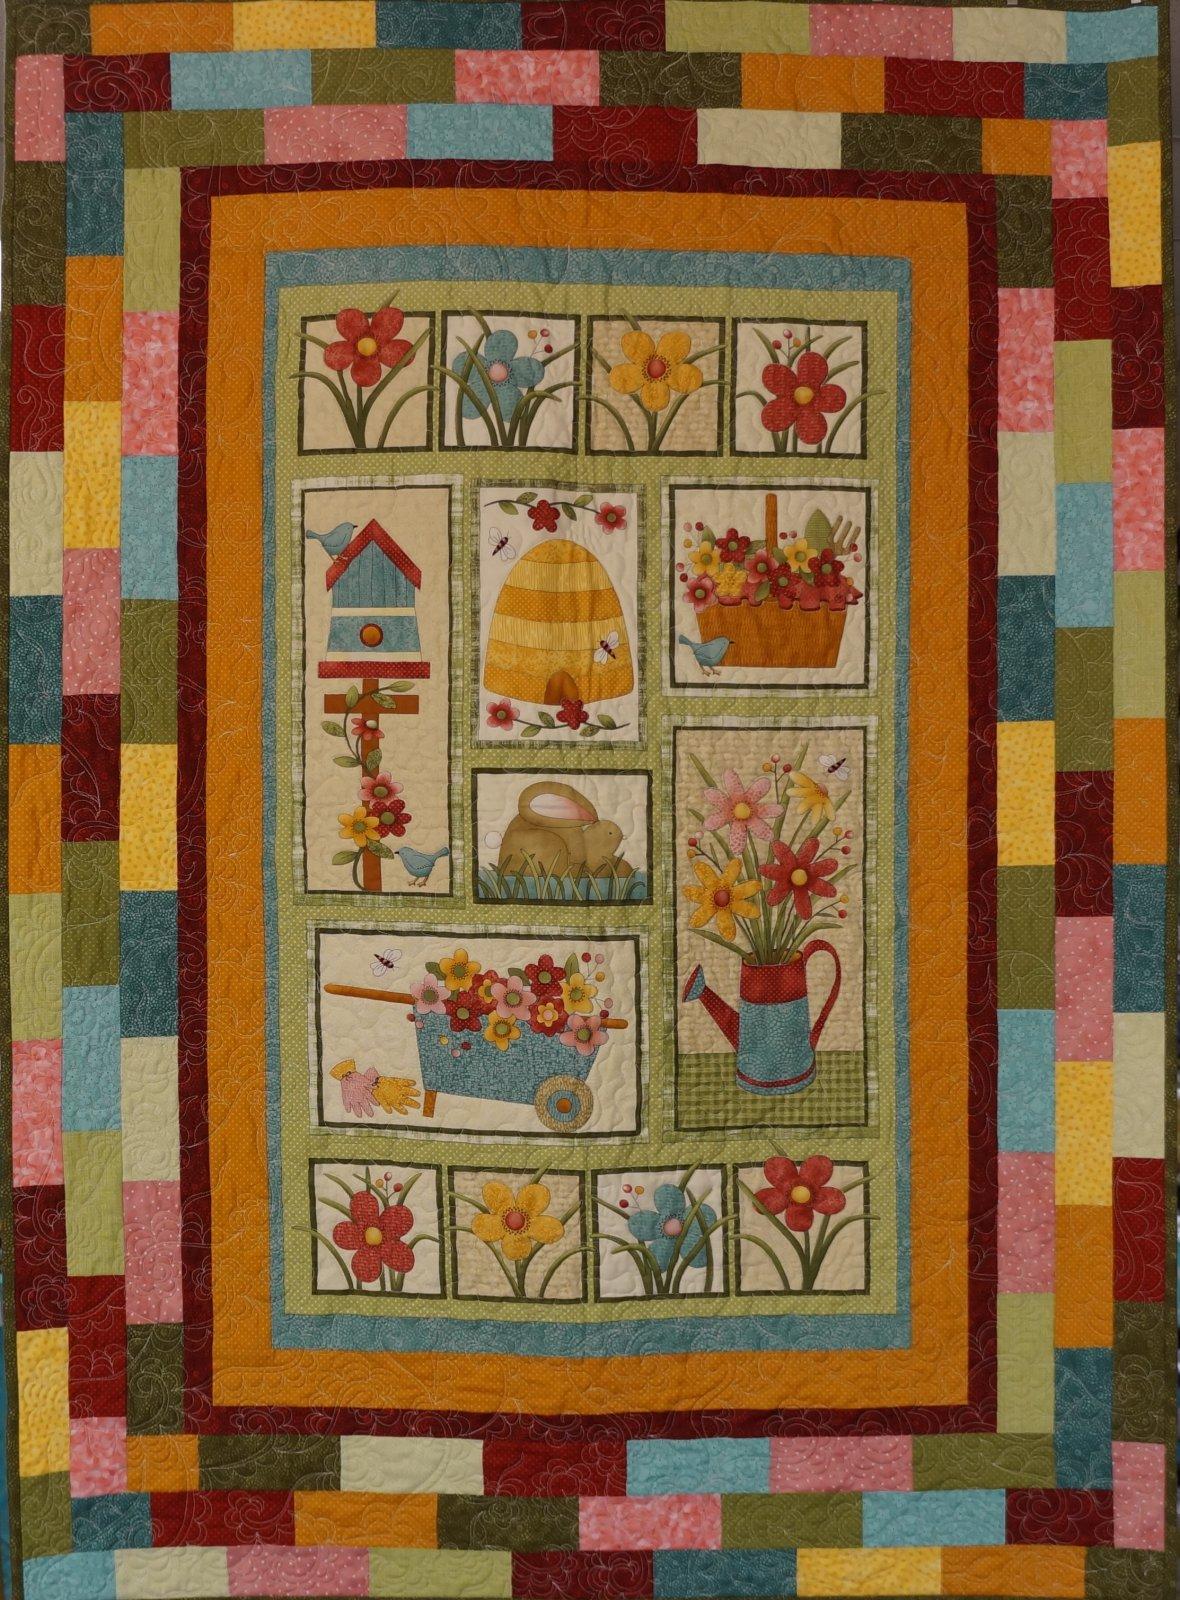 Garden Days Panel Quilt - 7753924493